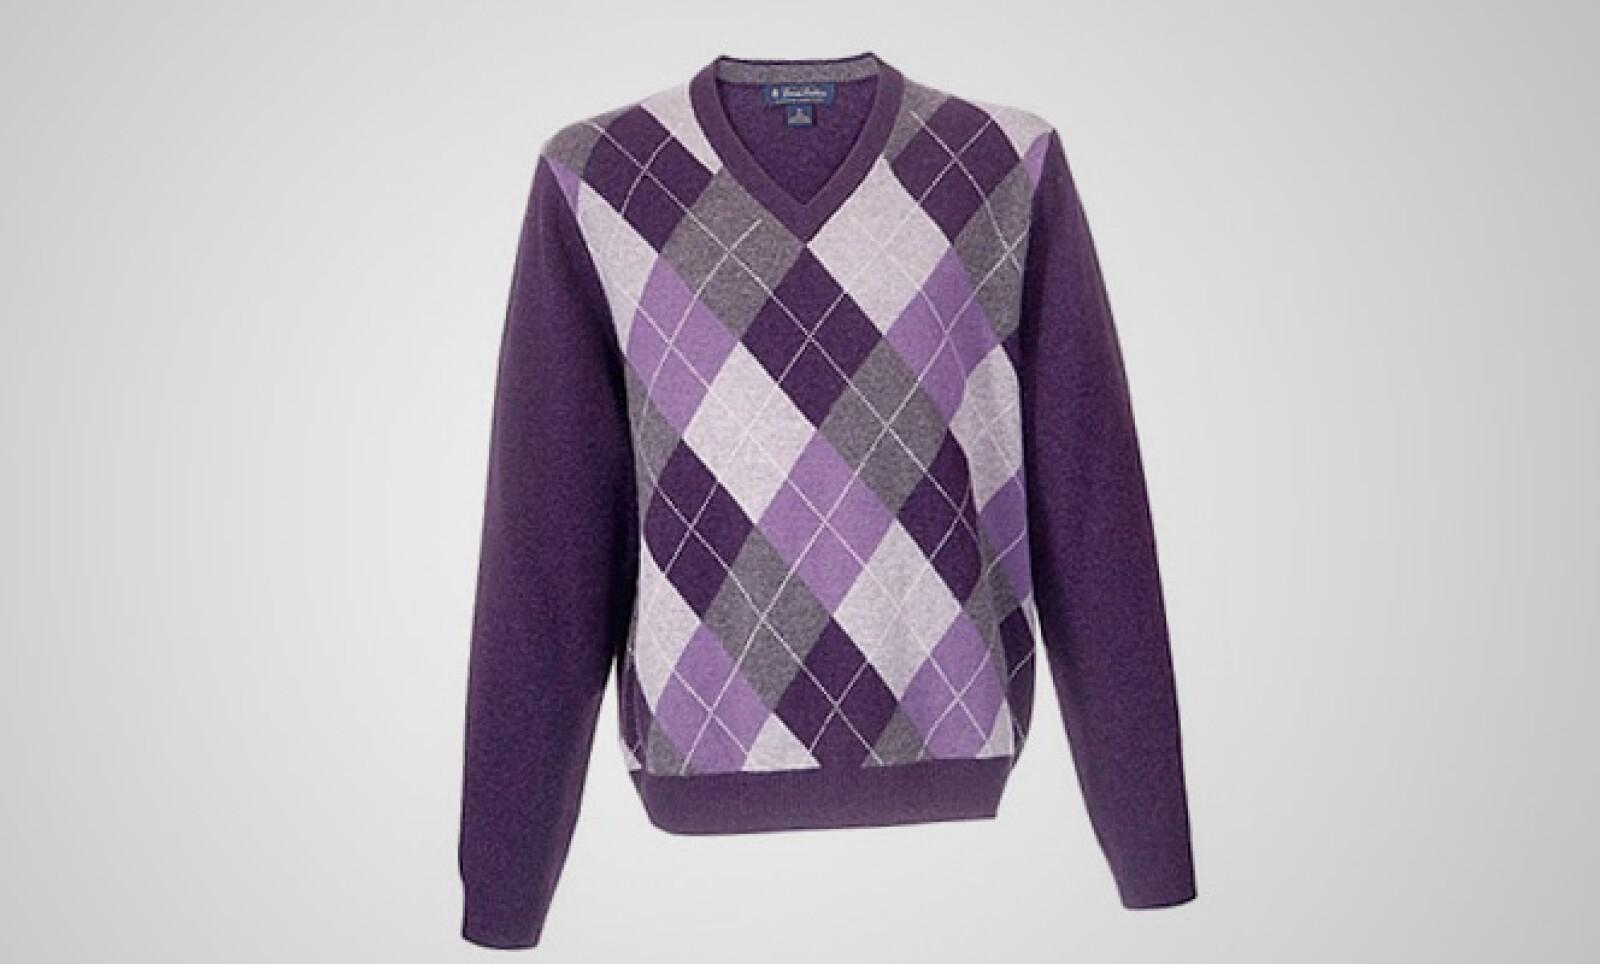 Un clásico de los rombos, pero en color morado, puede darle un toque clásico a tu 'outfit' sin perder el estilo.